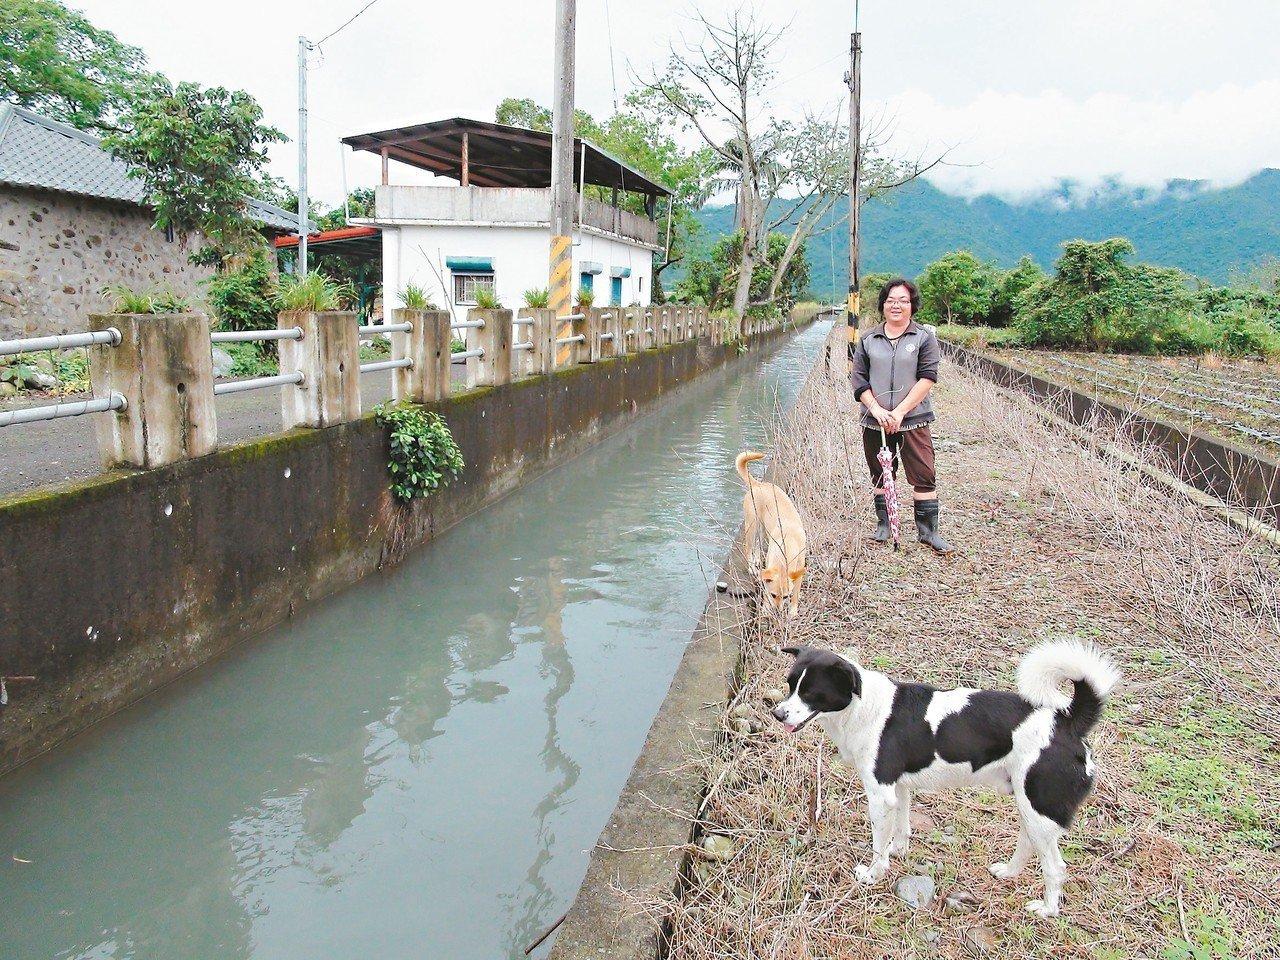 宜蘭農友周珊燕認養岸堤友善人、狗,要水利會別再噴除草劑了。 圖/聯合報系資料照片